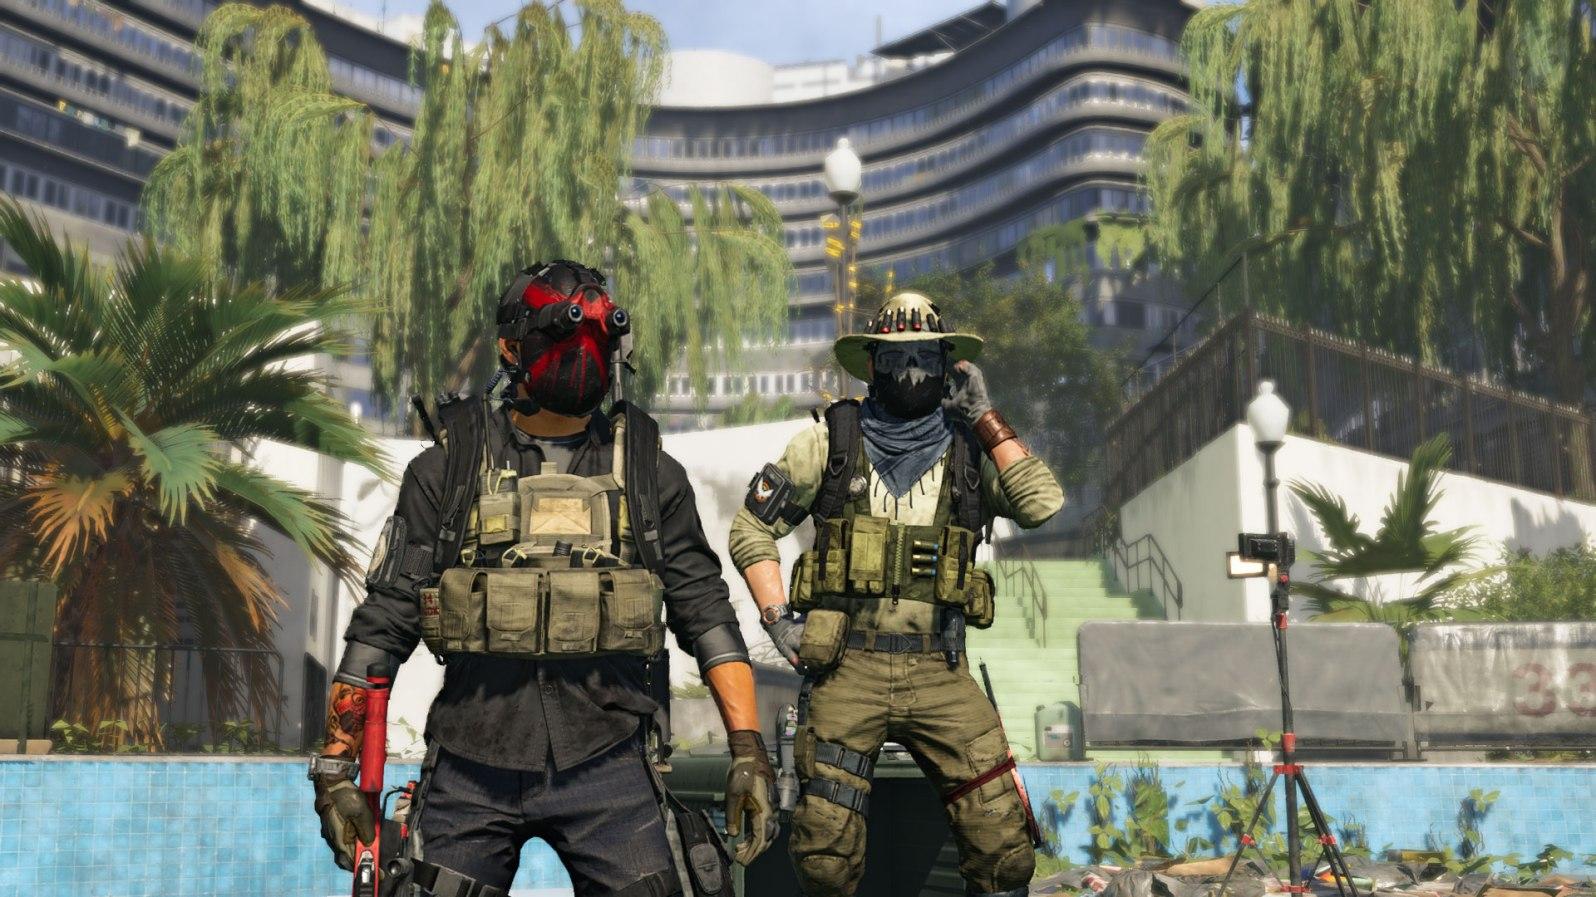 Tom Clancy's The Division 2 - Maskenparade: Es sind mehrere sogenannte Hunter im Spiel versteckt, die nur durch eine Abfolge von bestimmten Voraussetzungen erscheinen. Sind wir siegreich, erhalten wir deren Masken, die wir ausstellen und sogar selber tragen können.